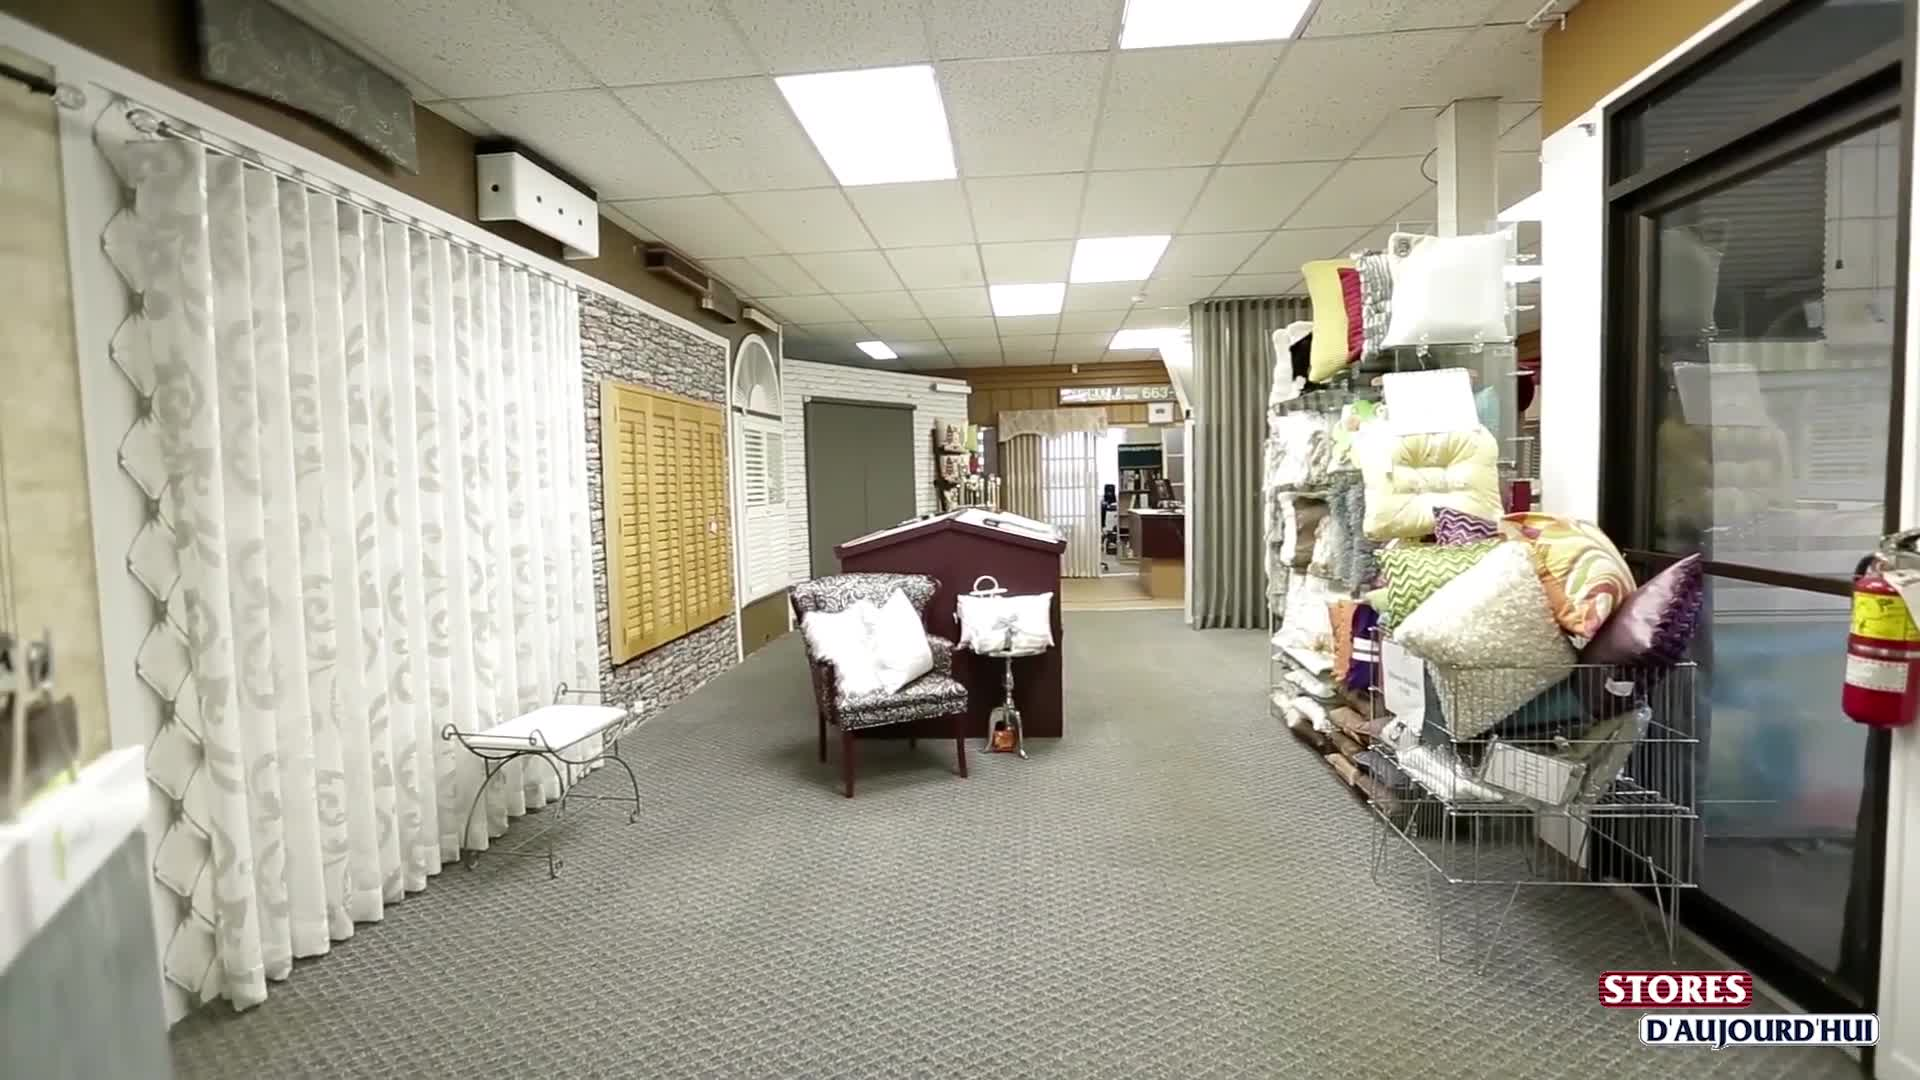 Stores D'Aujourd'Hui - Magasins de stores - 819-663-0469